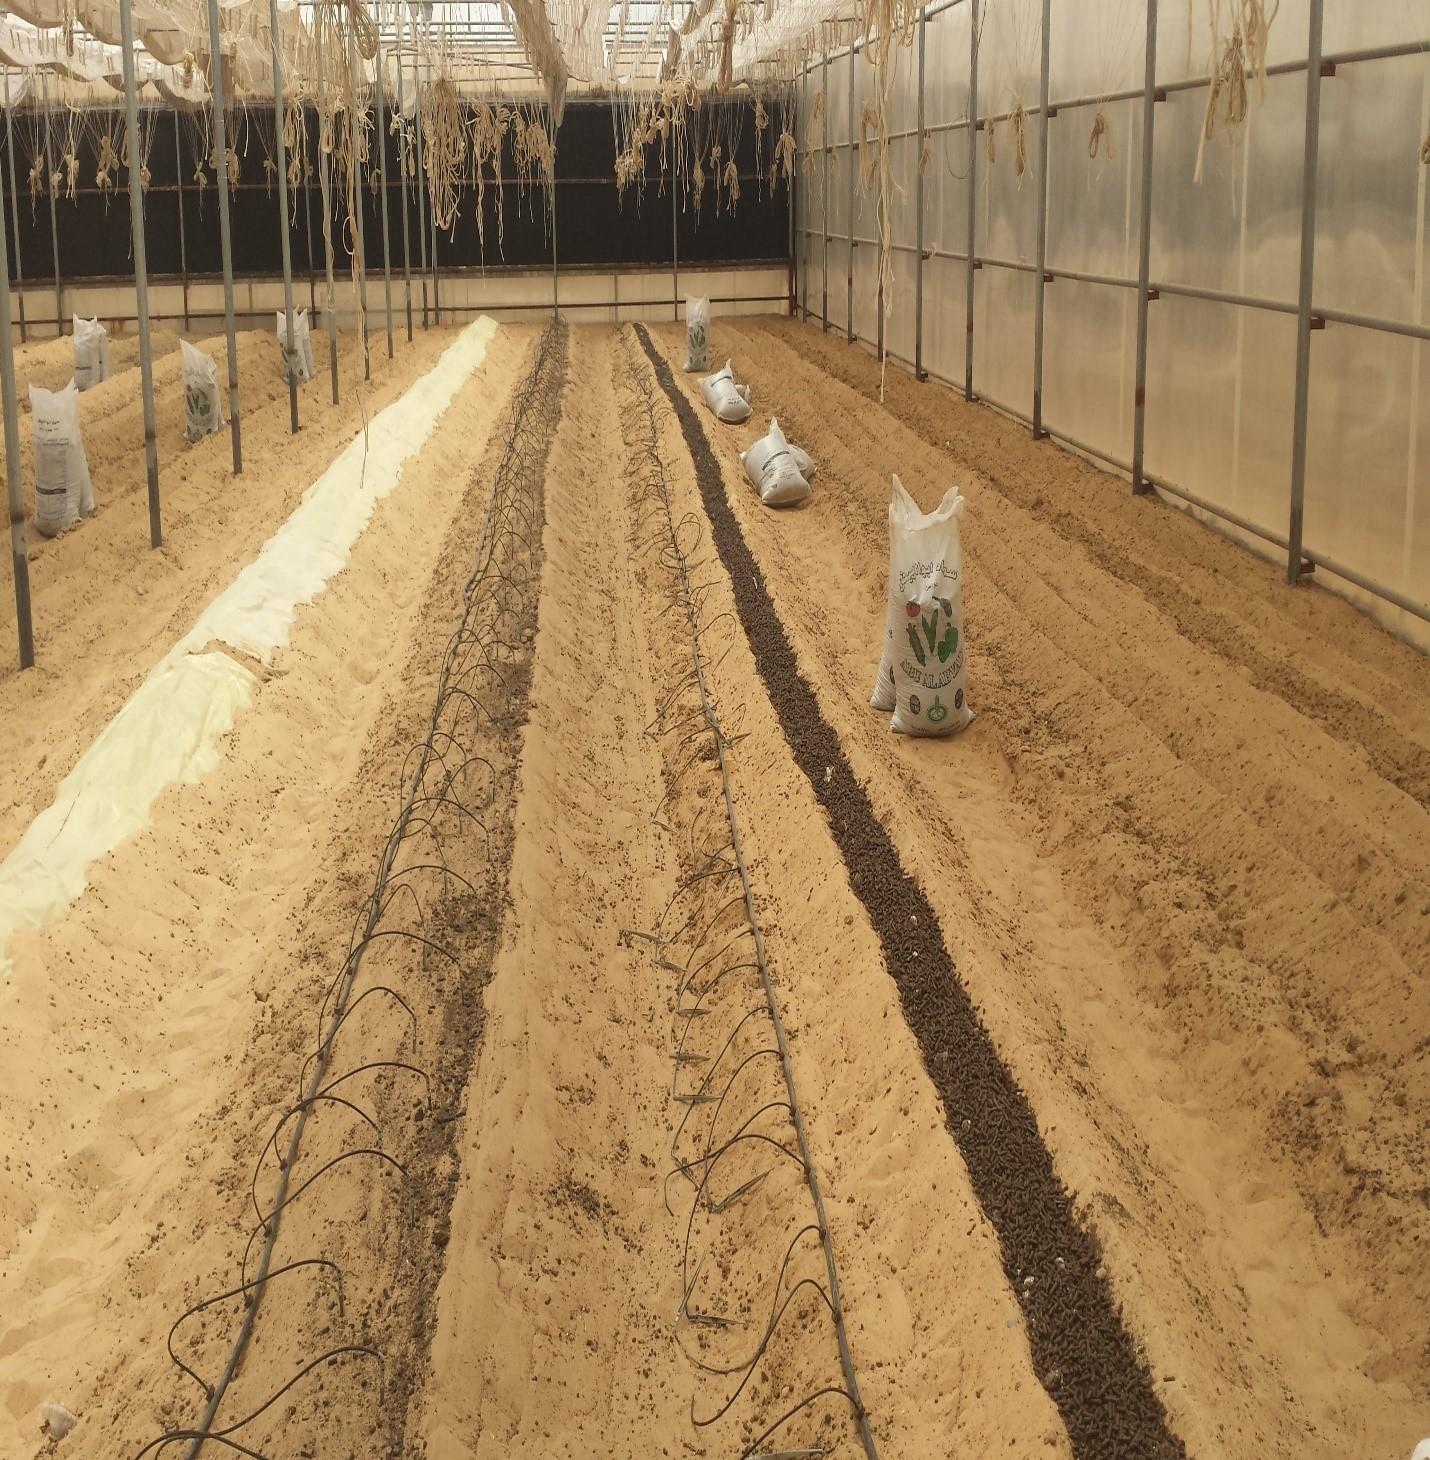 """""""الزراعة و السلامة الغذائية"""" توعي بأهمية التعقيم الشمسي لتحسين خواص التربة"""